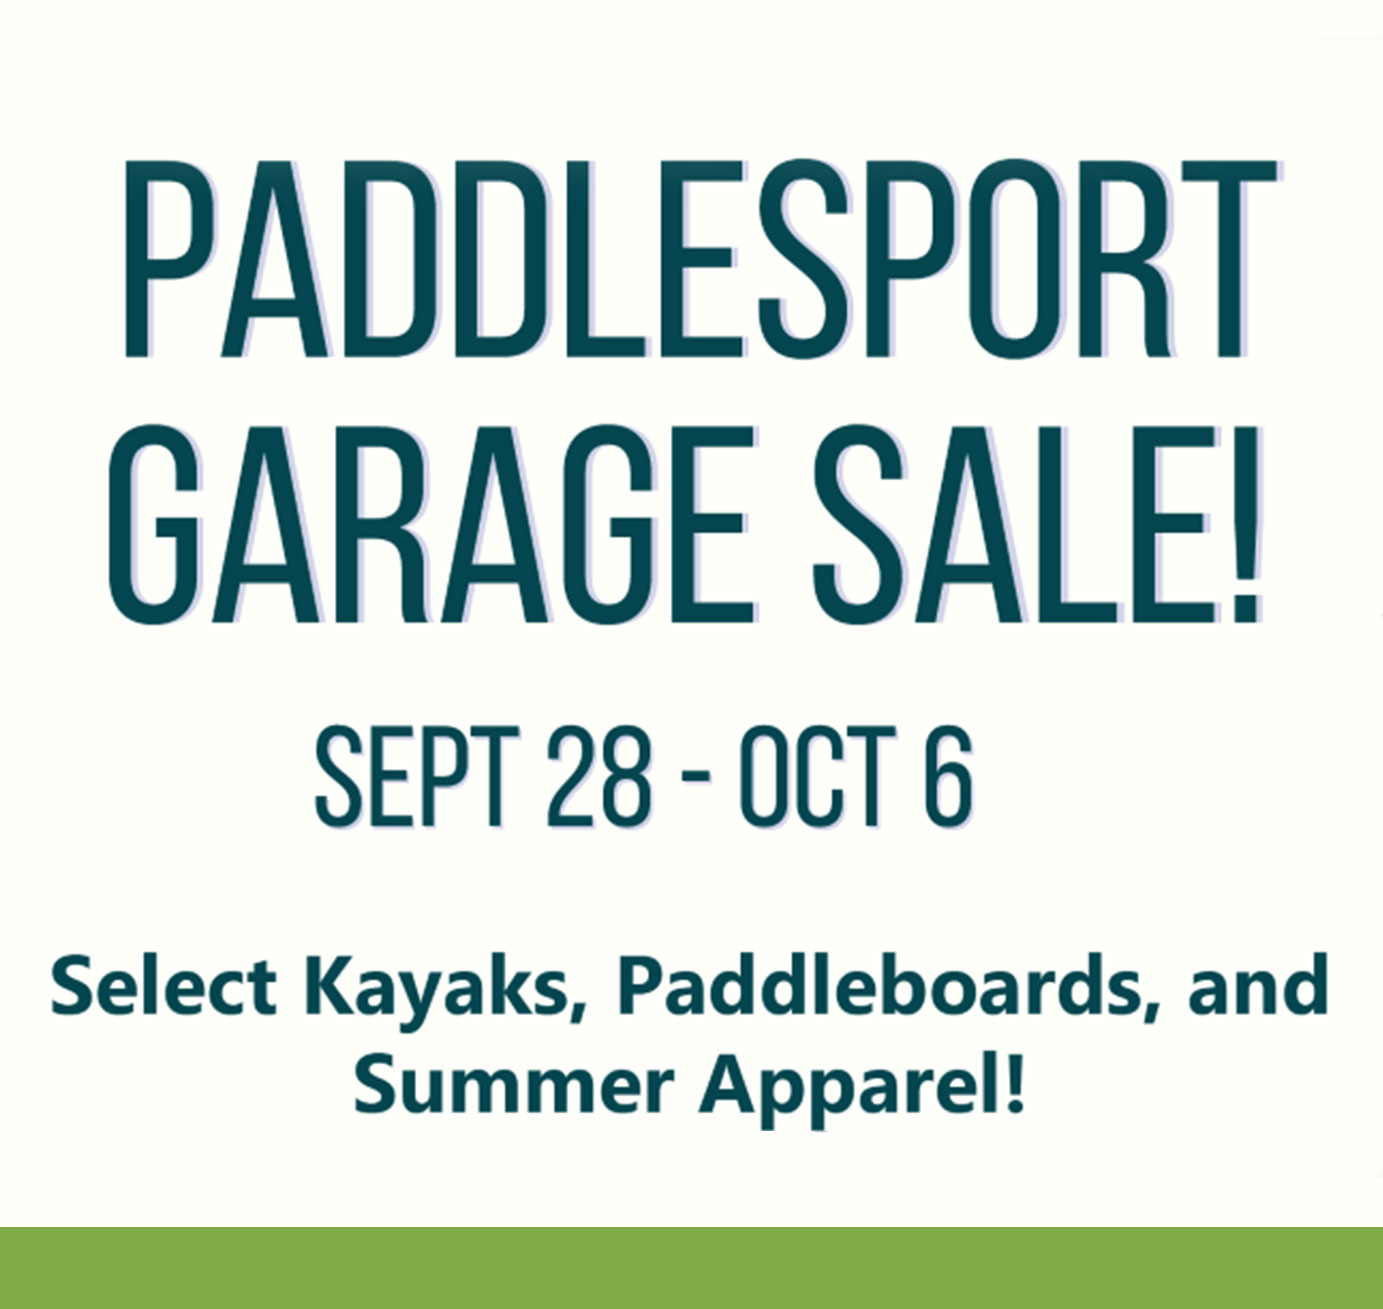 Paddlesport Garage Sale | Rocktown Adventures